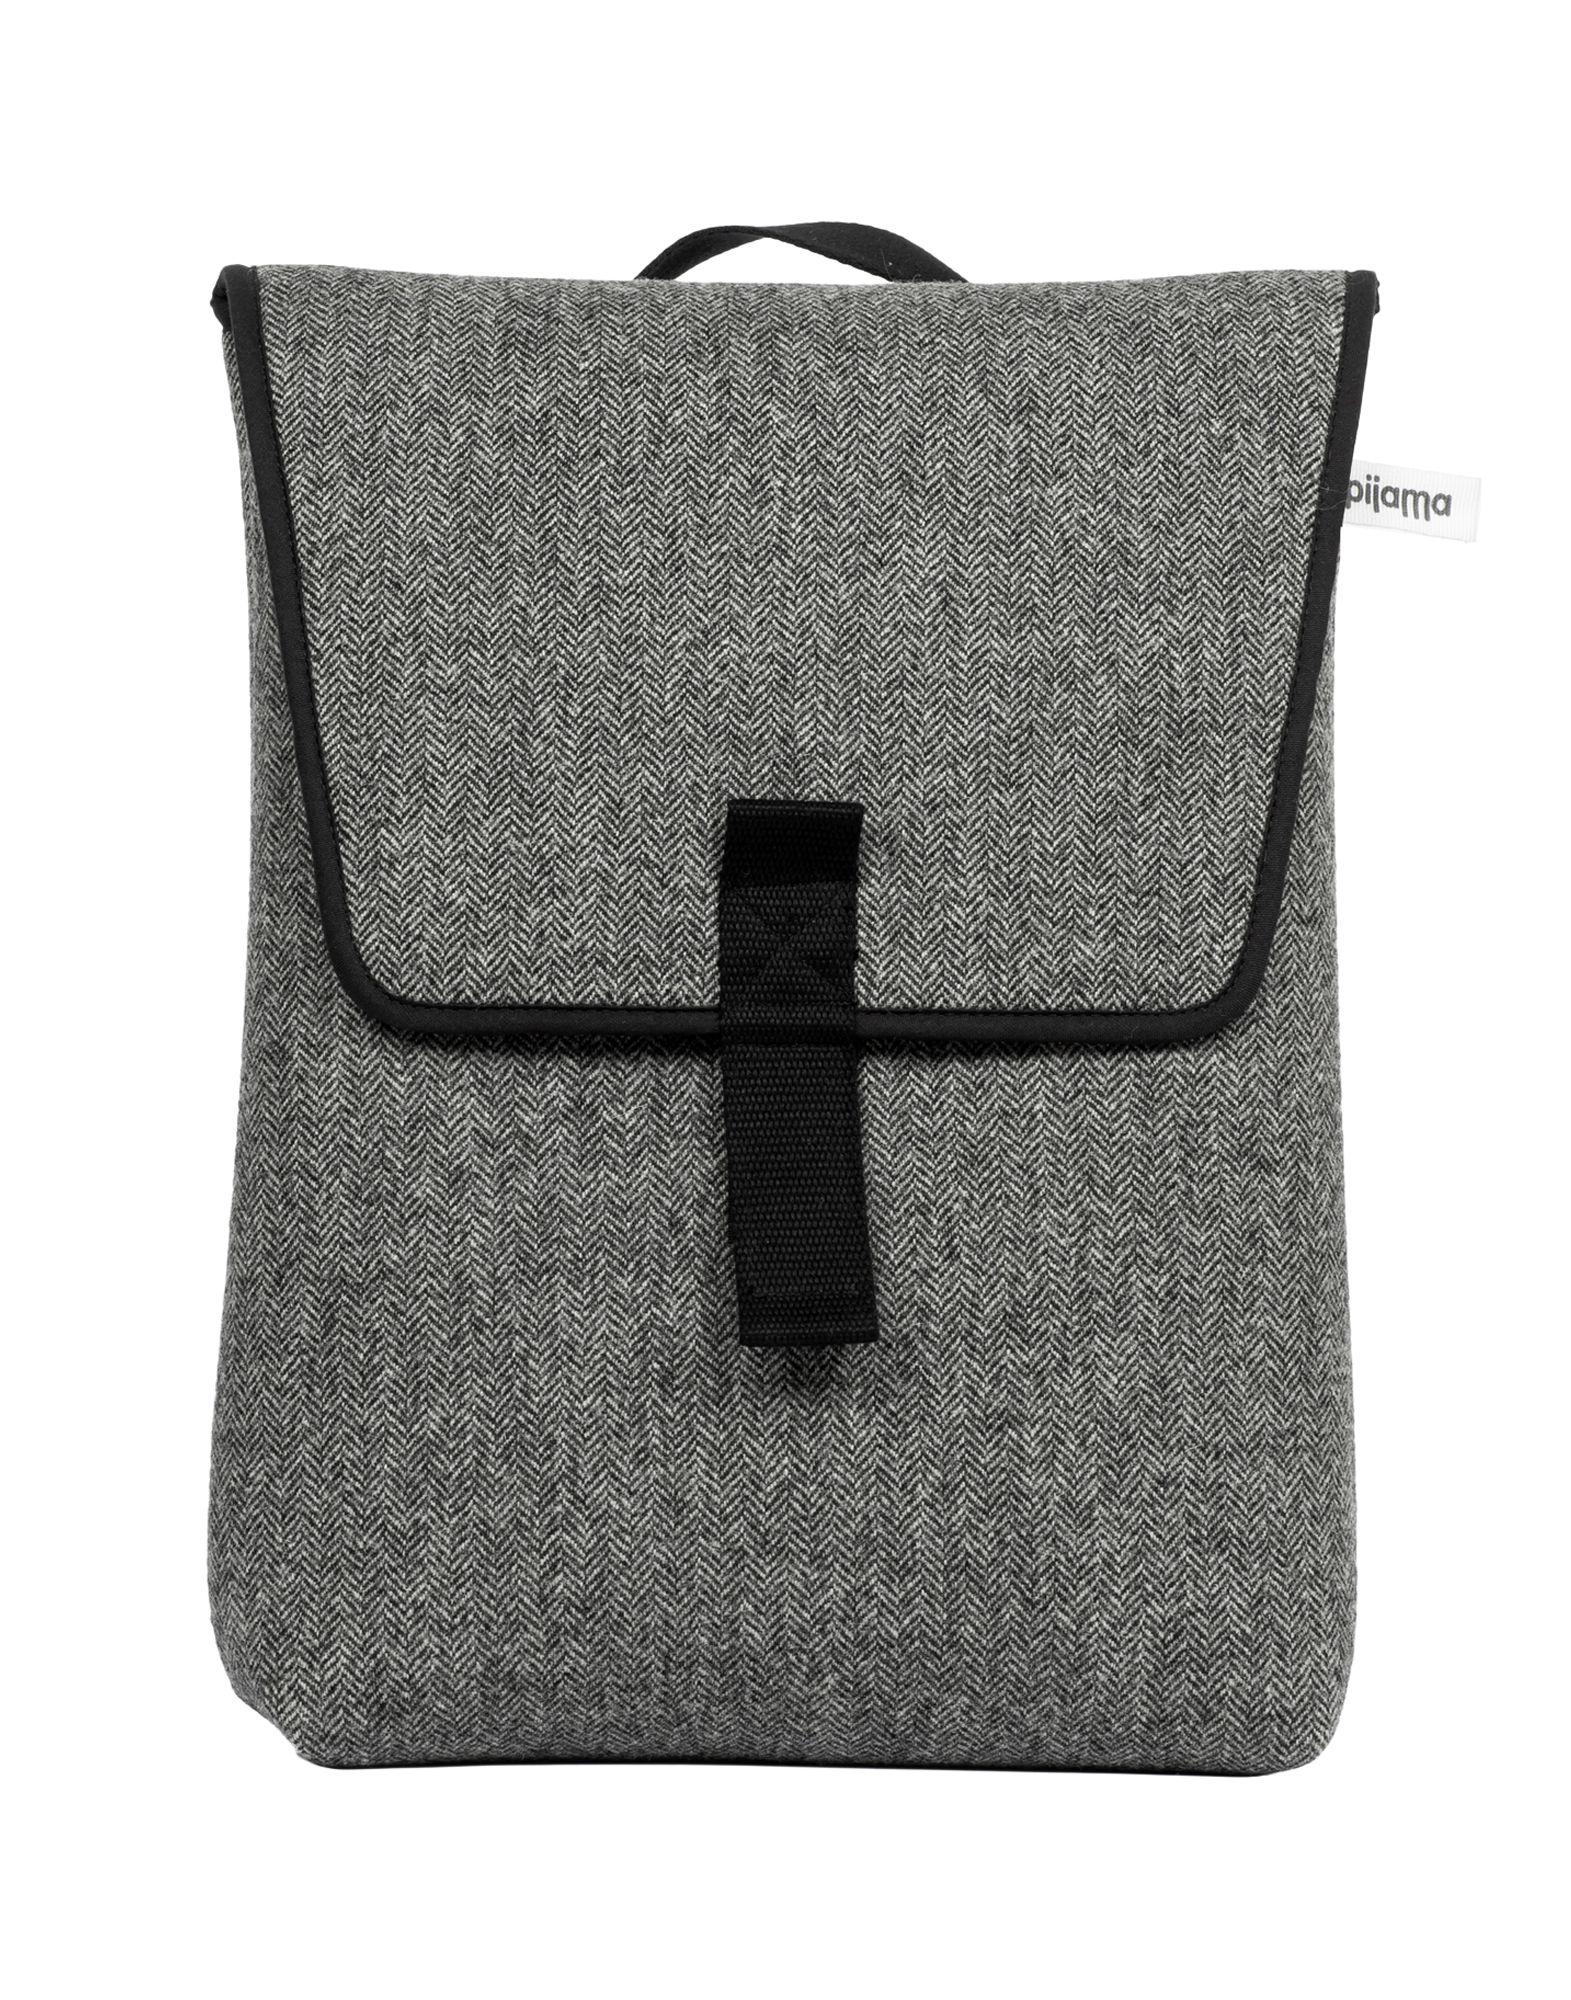 PIJAMA Рюкзаки и сумки на пояс цена и фото